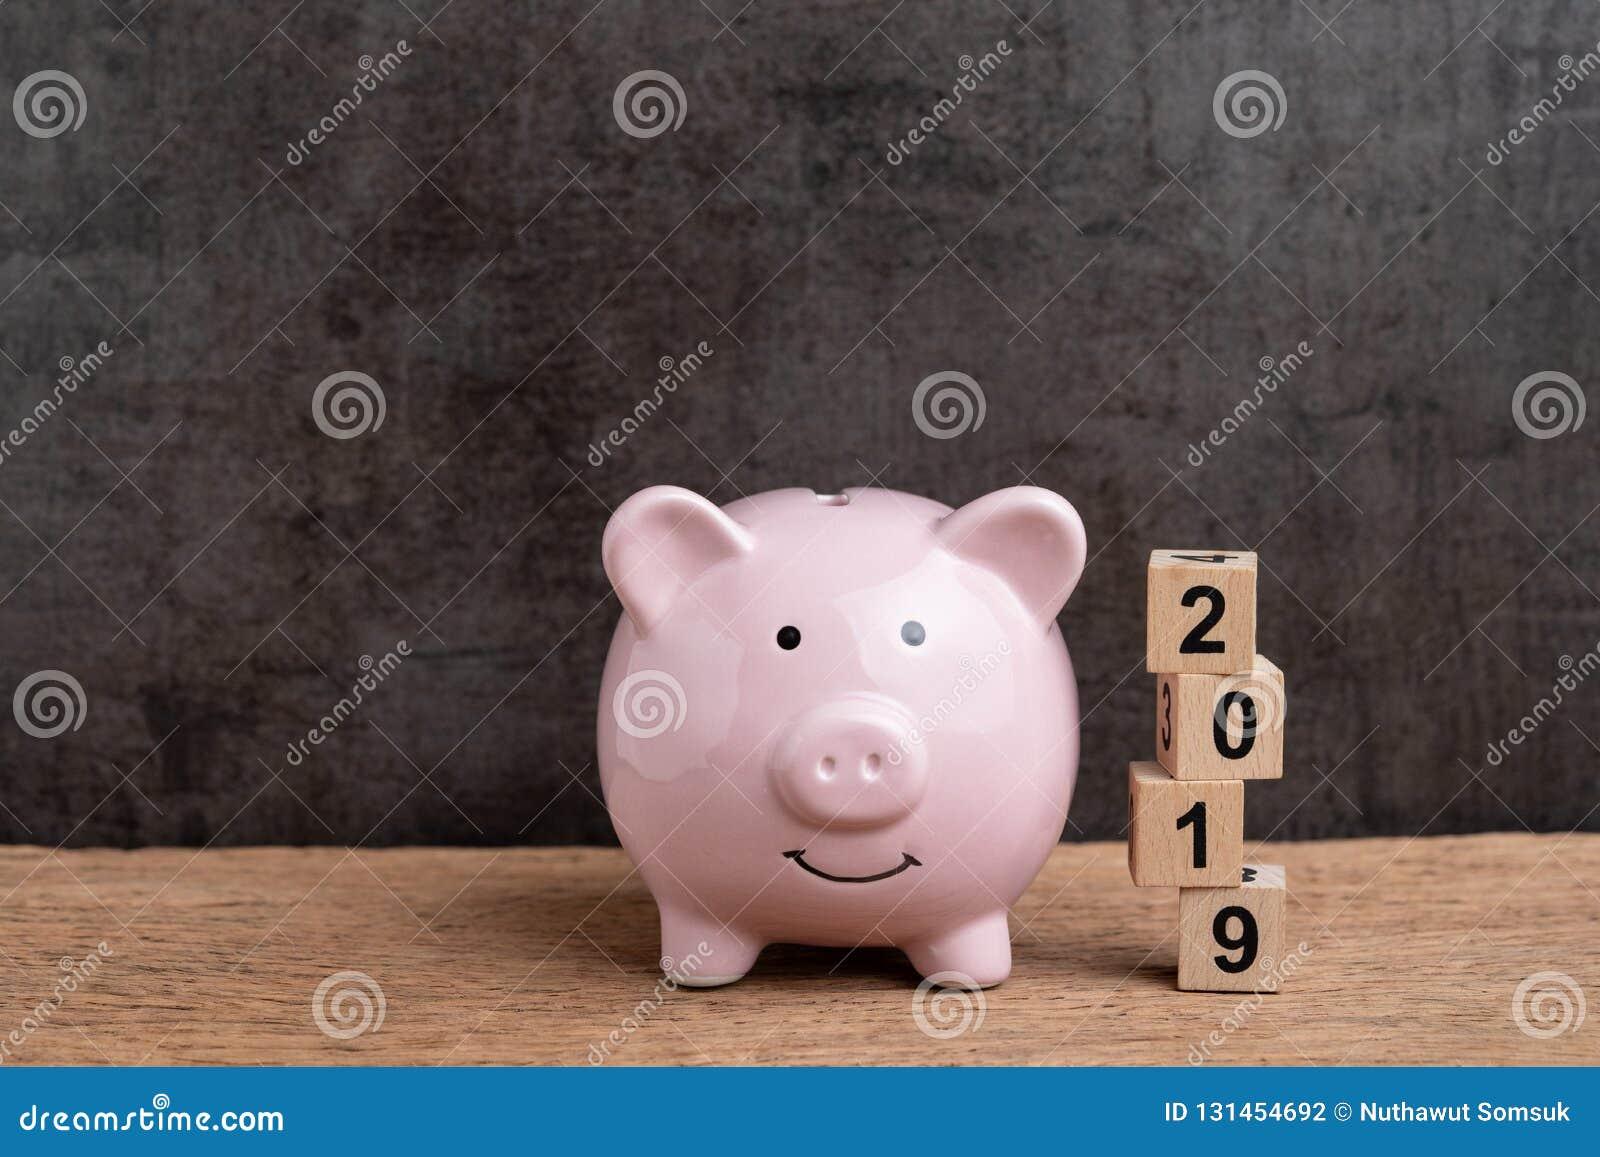 Finansiellt mål för år 2019, budget-, investering- eller affärsmålbegrepp, rosa spargris och bunt av kubträkvarterbyggnad